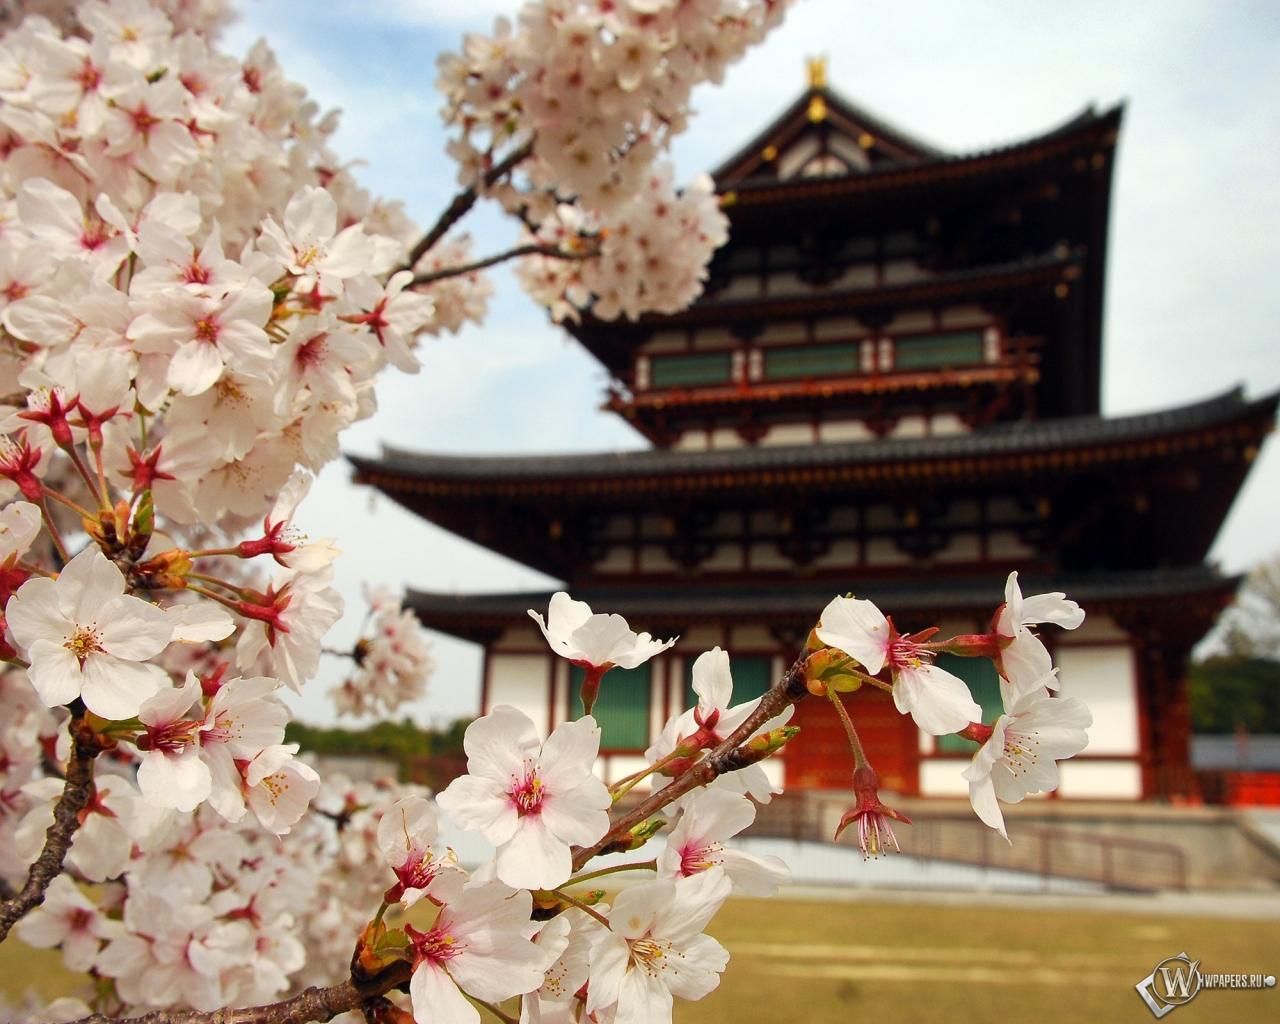 Пагода в Японии 1280x1024